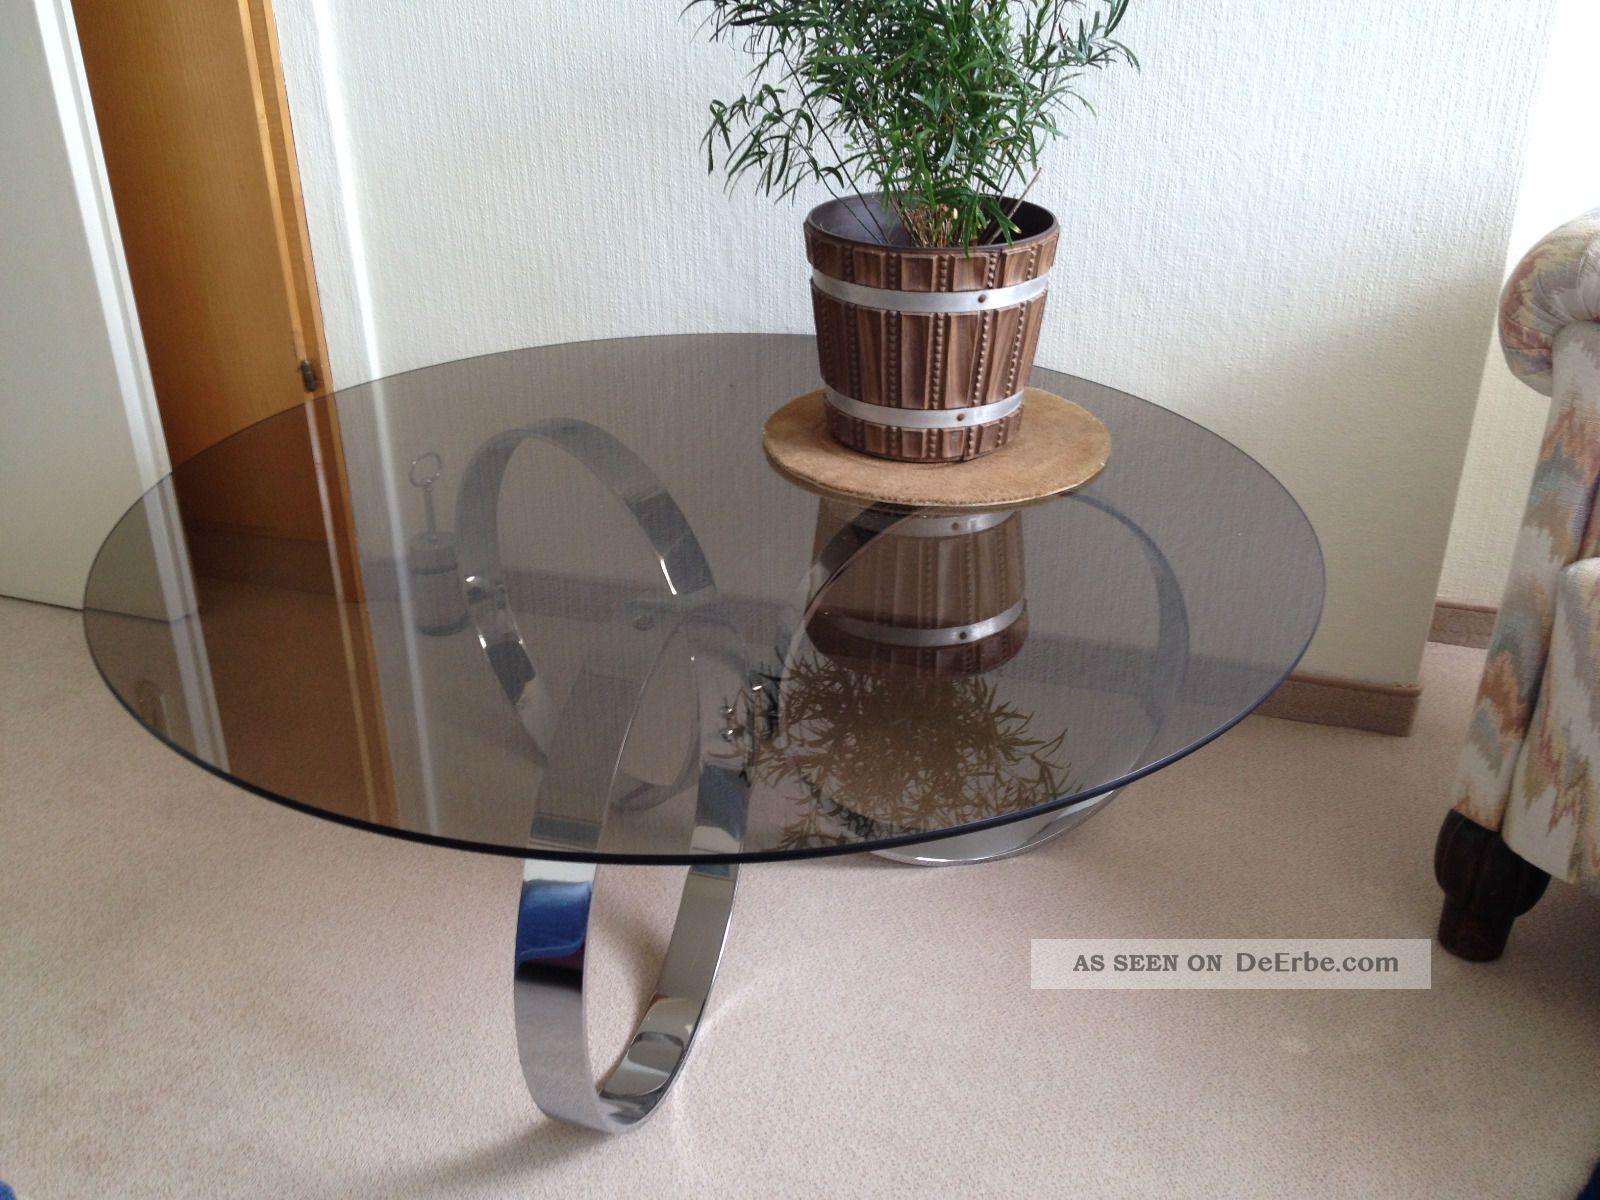 70er jahre design glastisch couchtisch cool f r die 70er for Glastisch couchtisch design